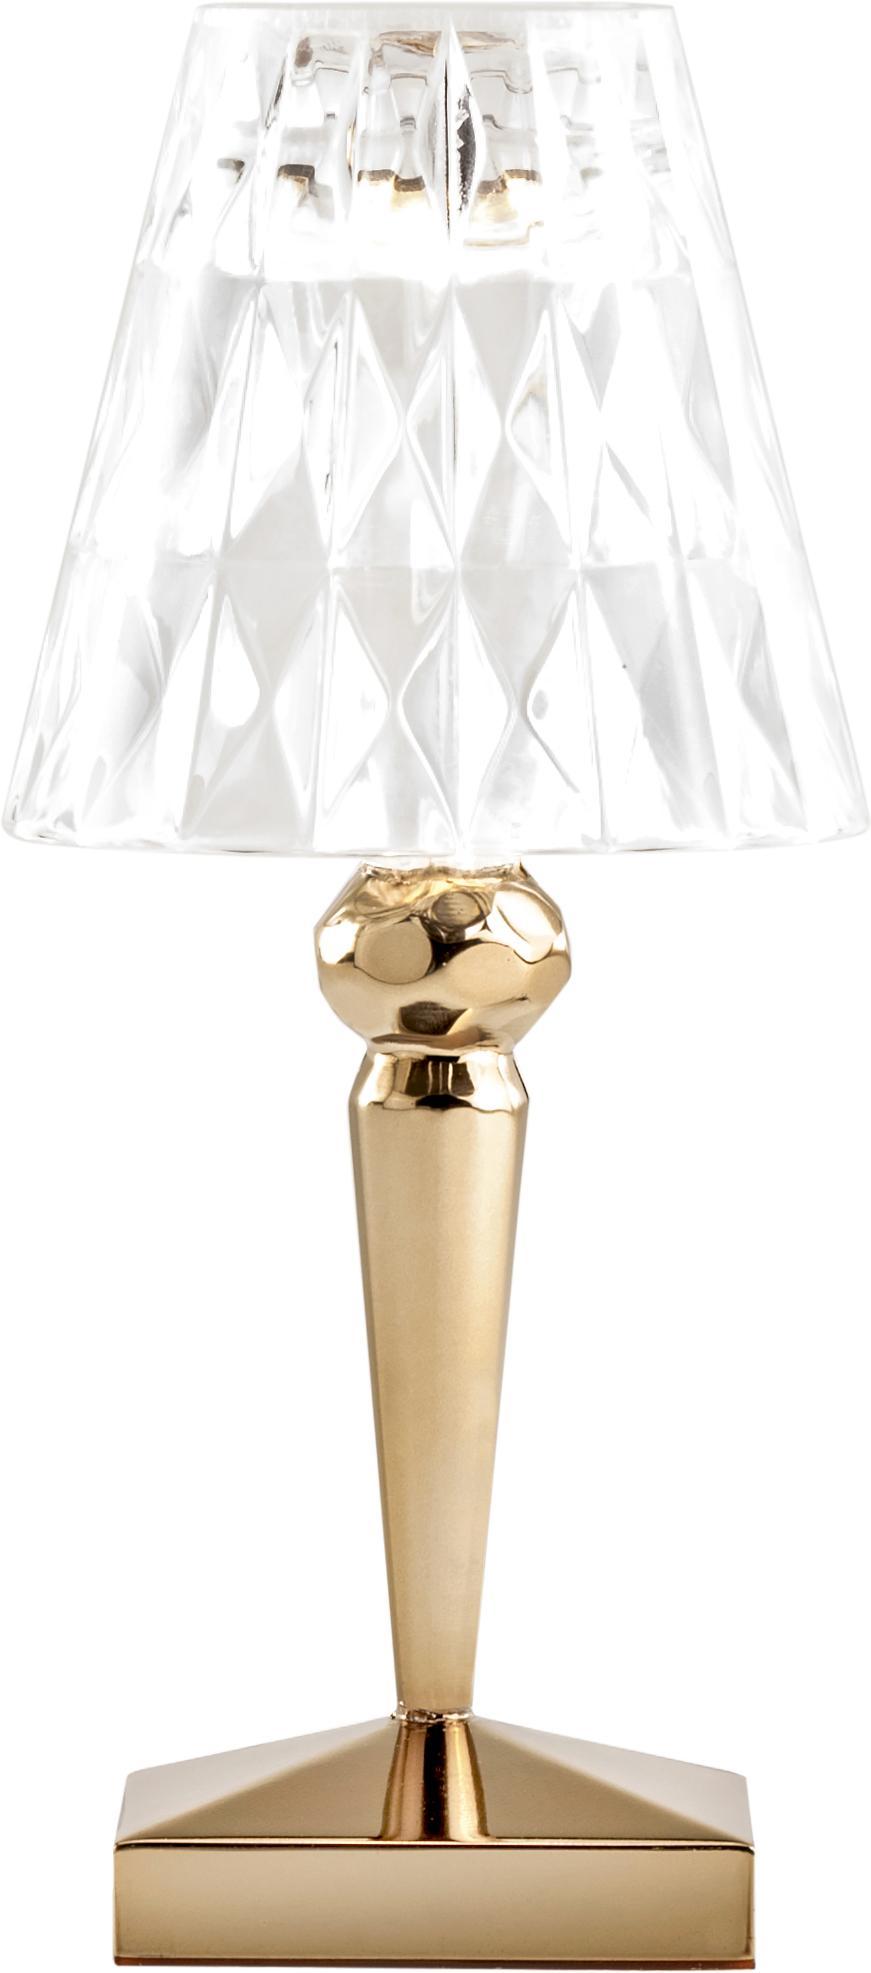 Lampa stołowa LED Battery, Odcienie złotego, transparentny, Ø 12 x W 26 cm